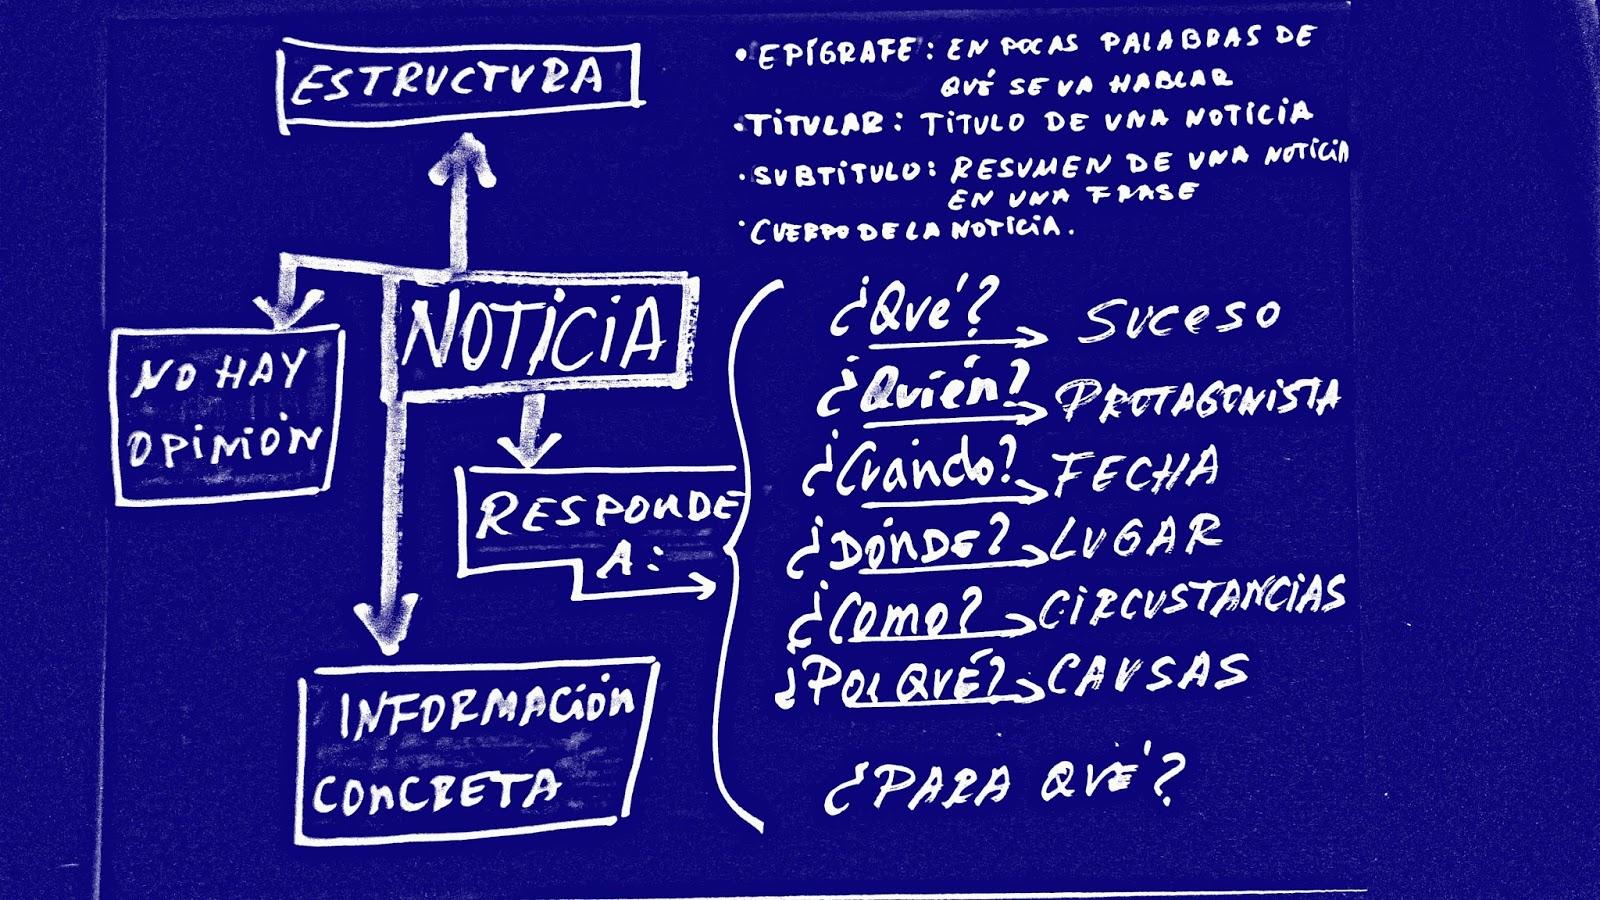 Recursos La Chasca Estructura De La Noticia